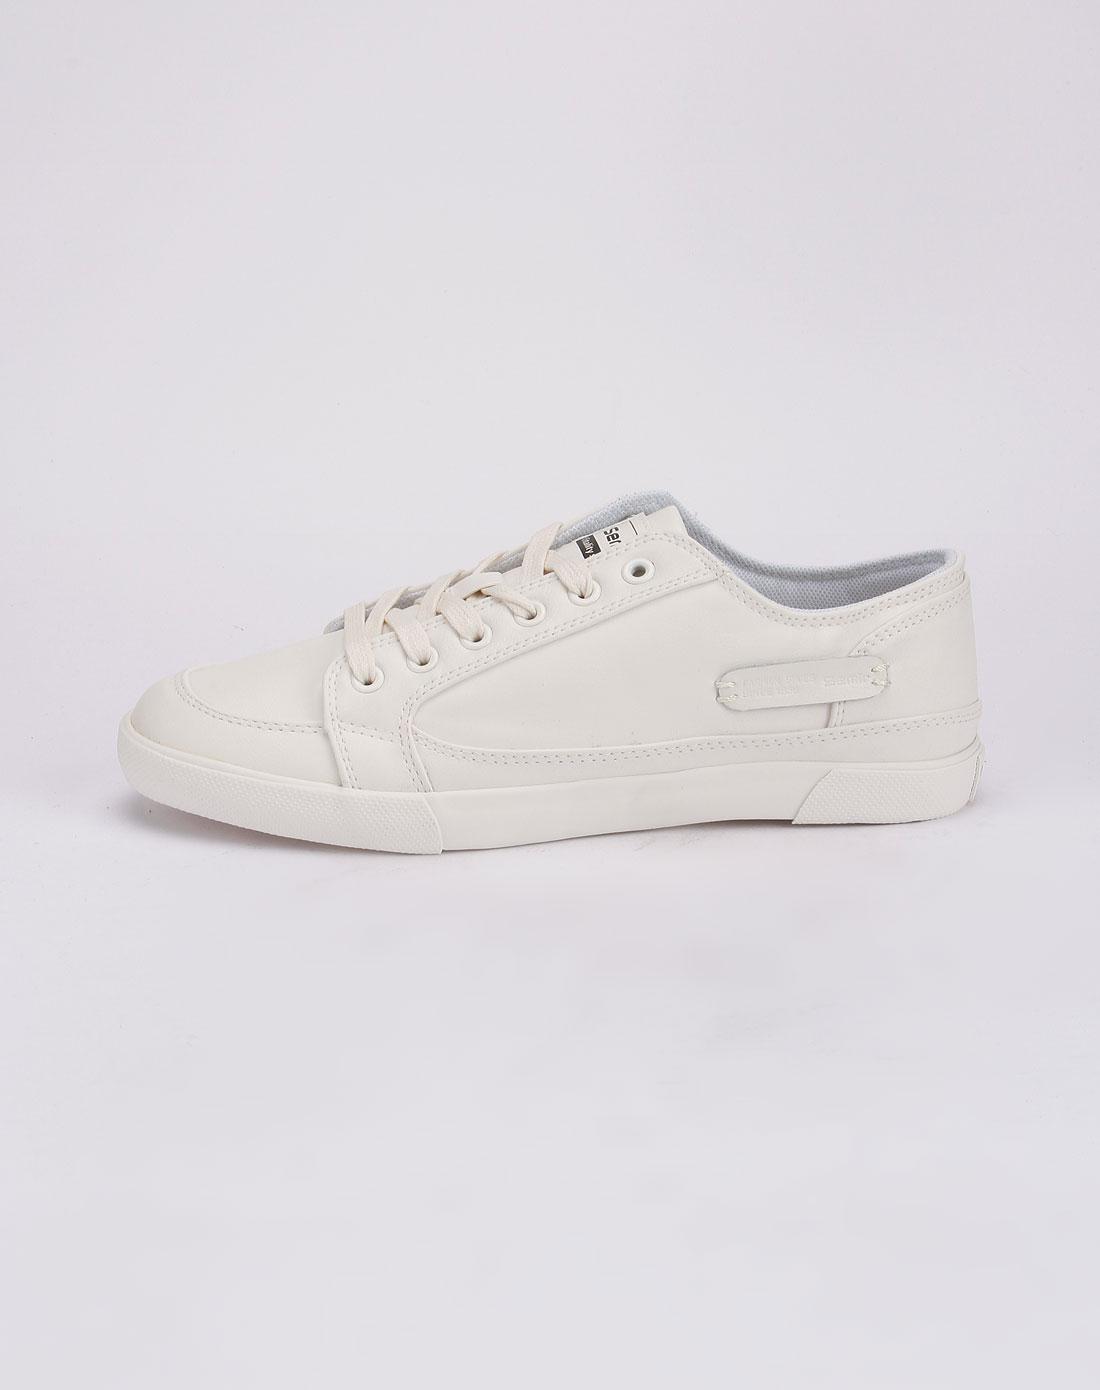 白帆布鞋怎么洗_白色时尚帆布鞋